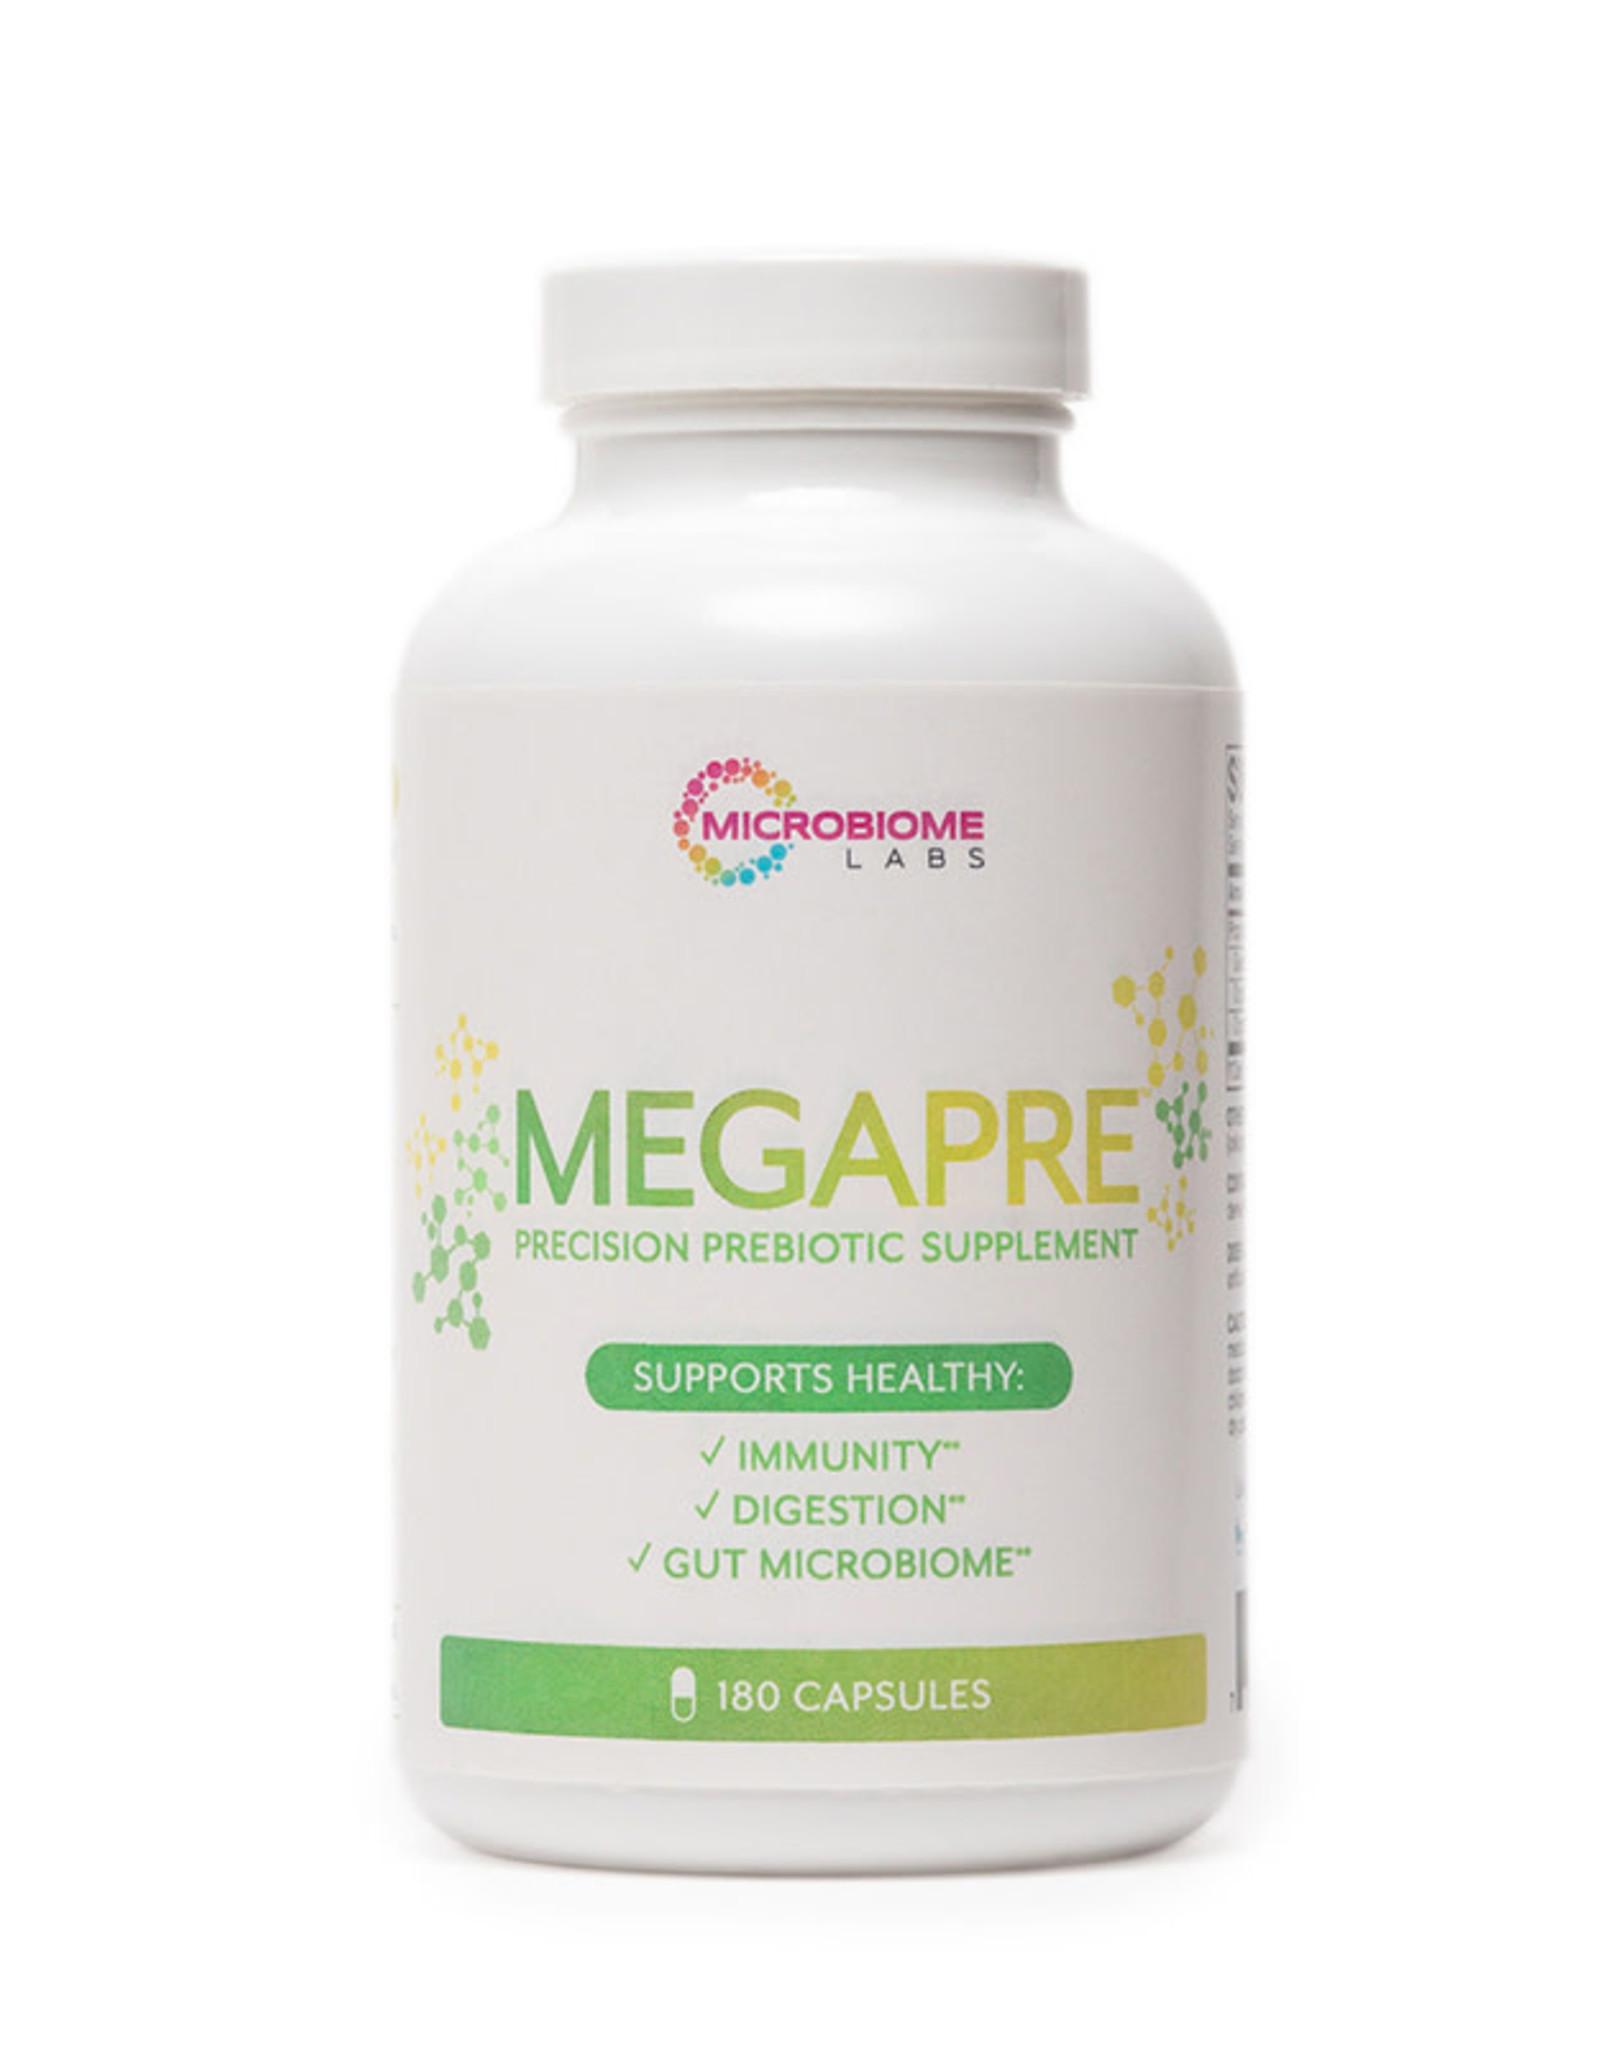 Microbiome Labs MegaPre Capsules 180 cap